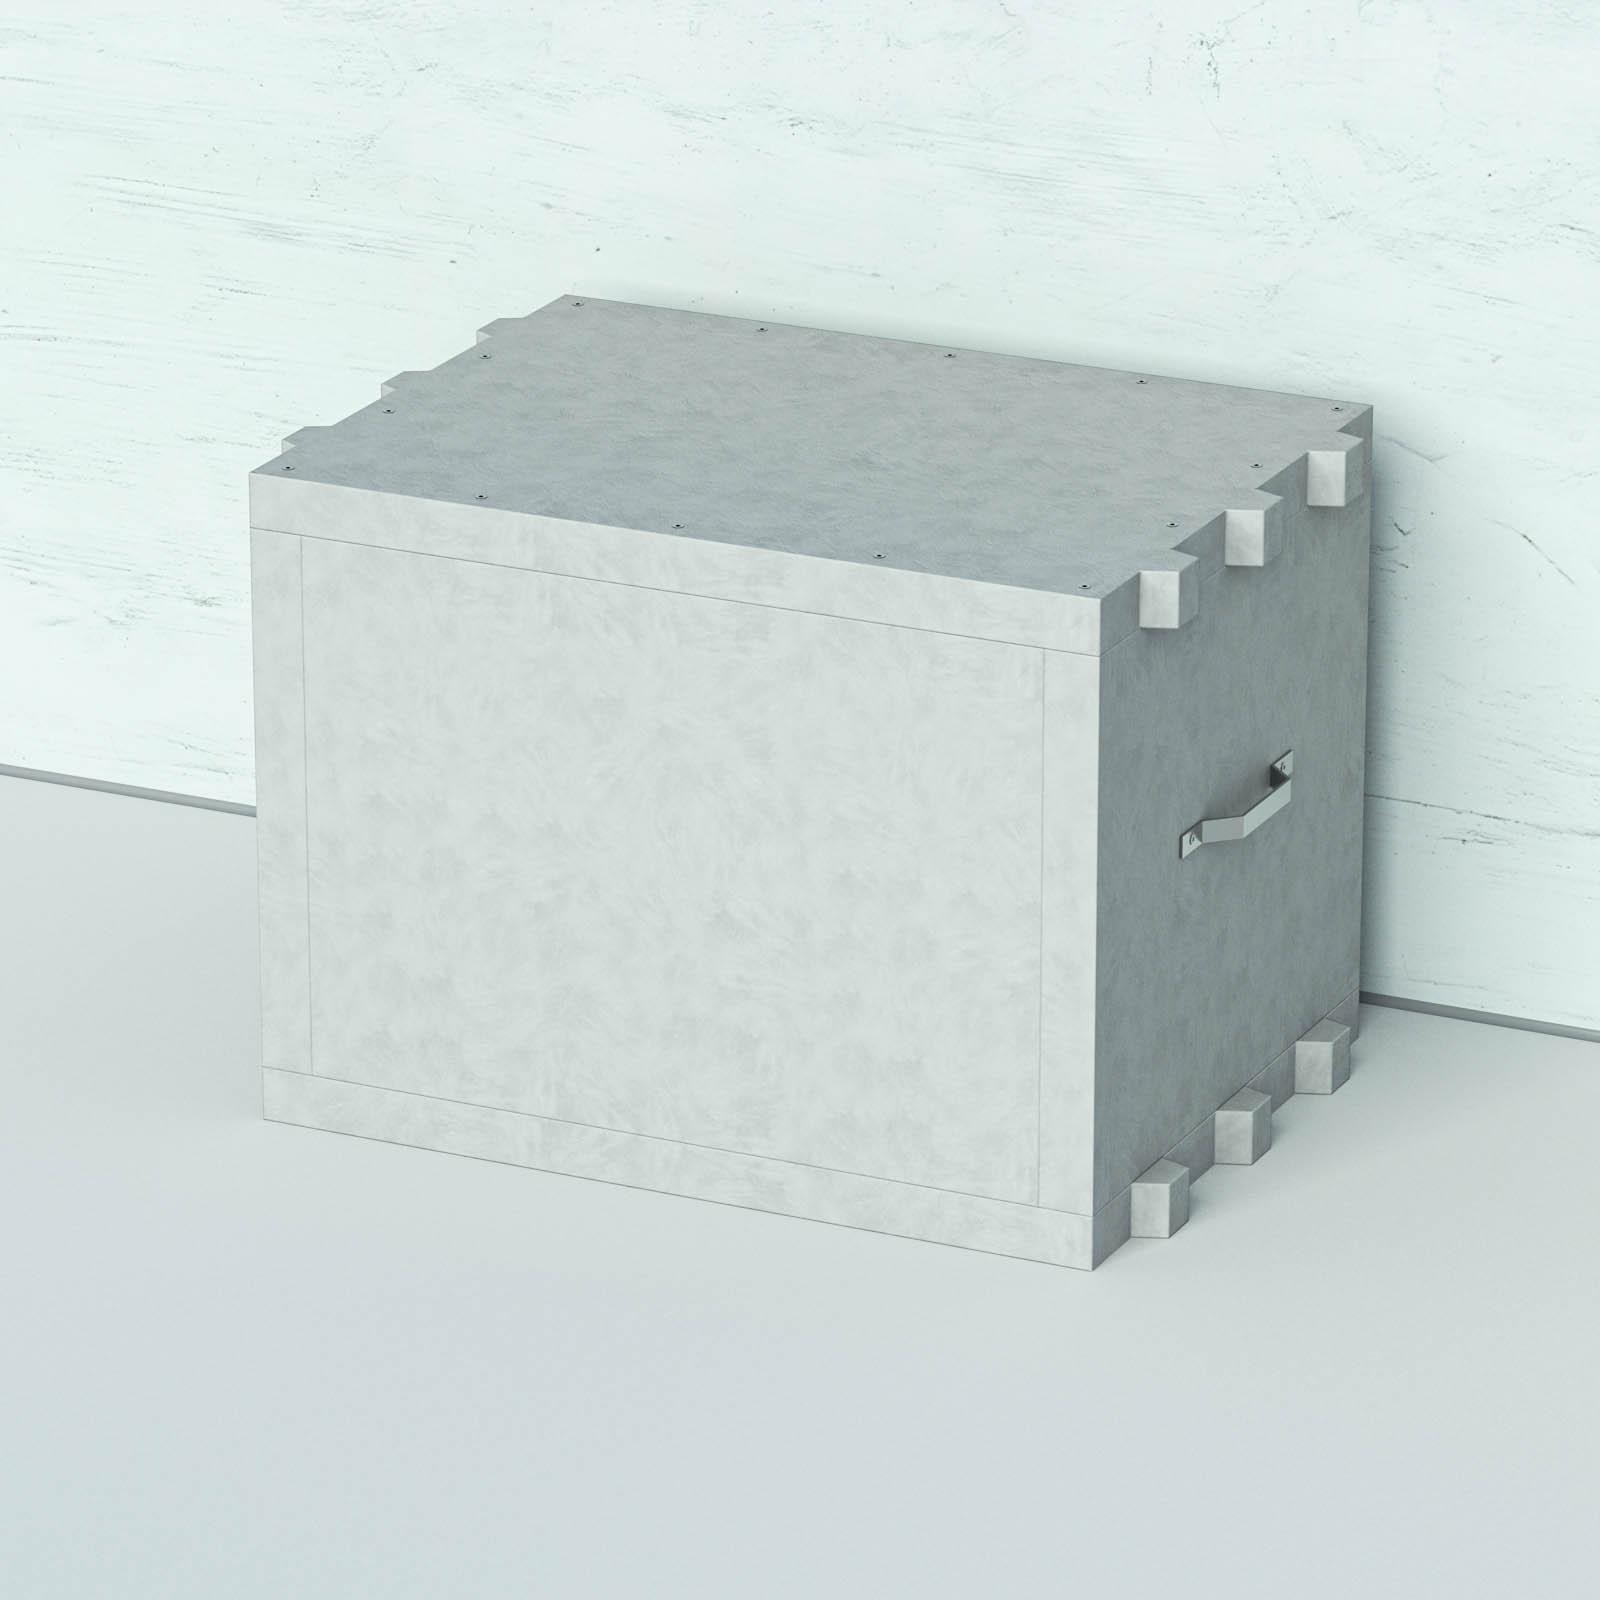 Akkubox in grau vor einer weißen Wand